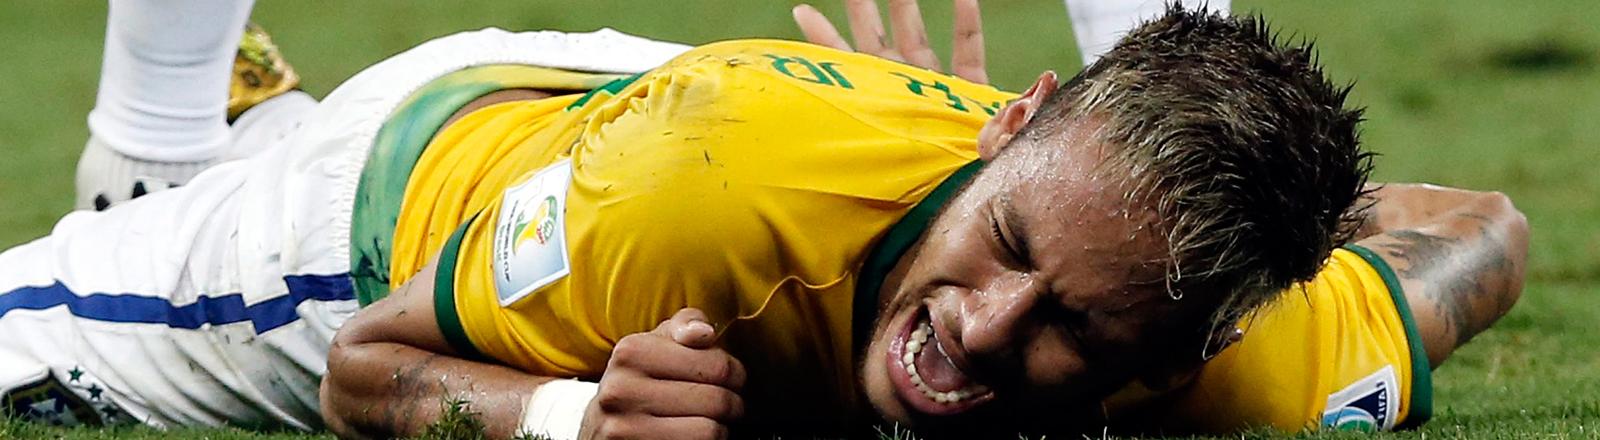 Neymar liegt am Boden